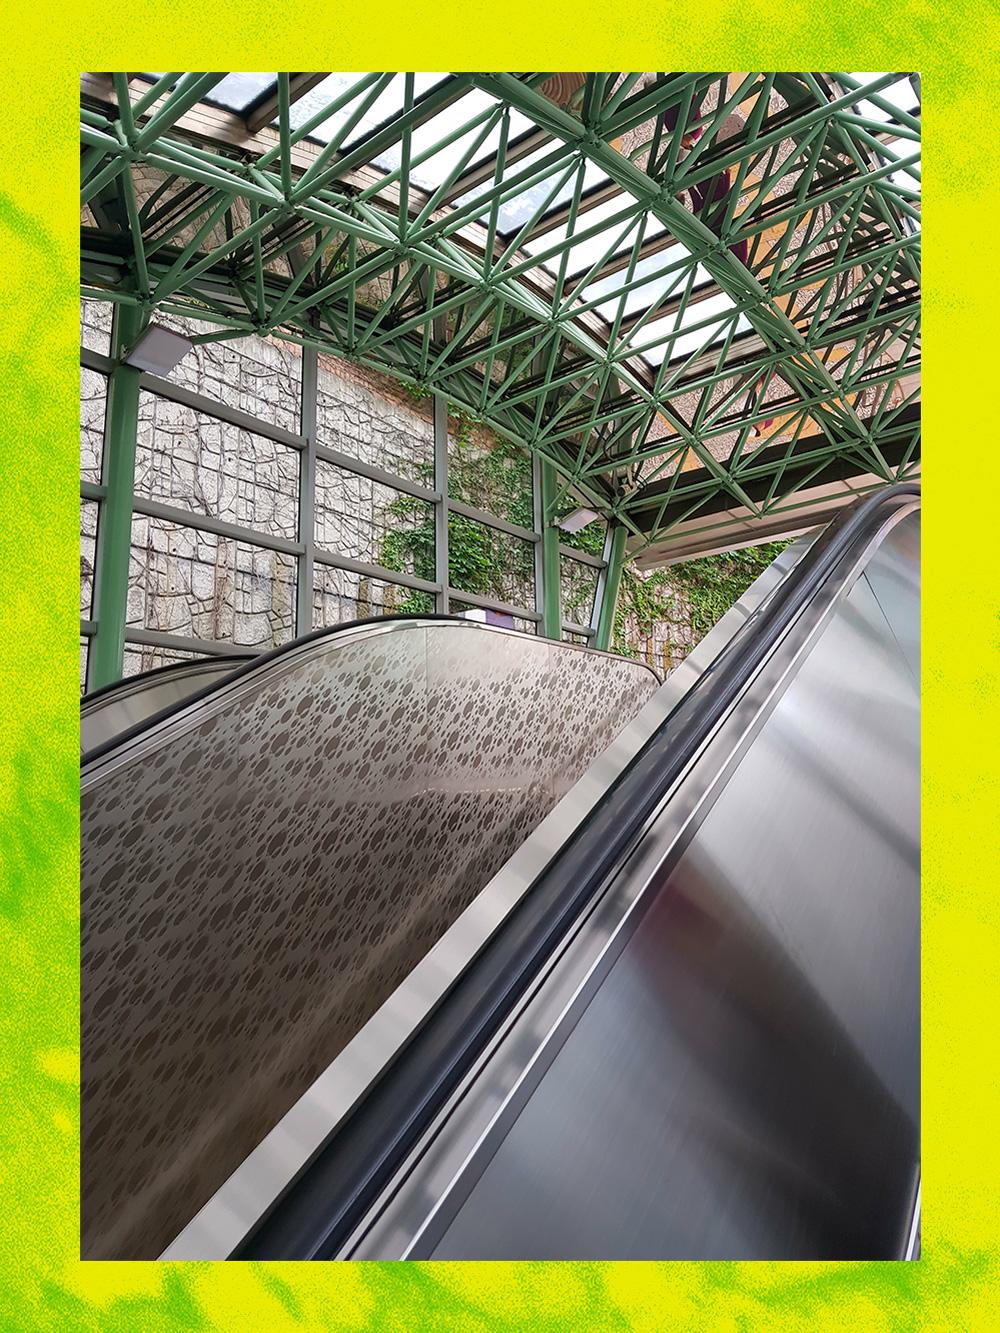 subway_art_beottigogae-2.jpg